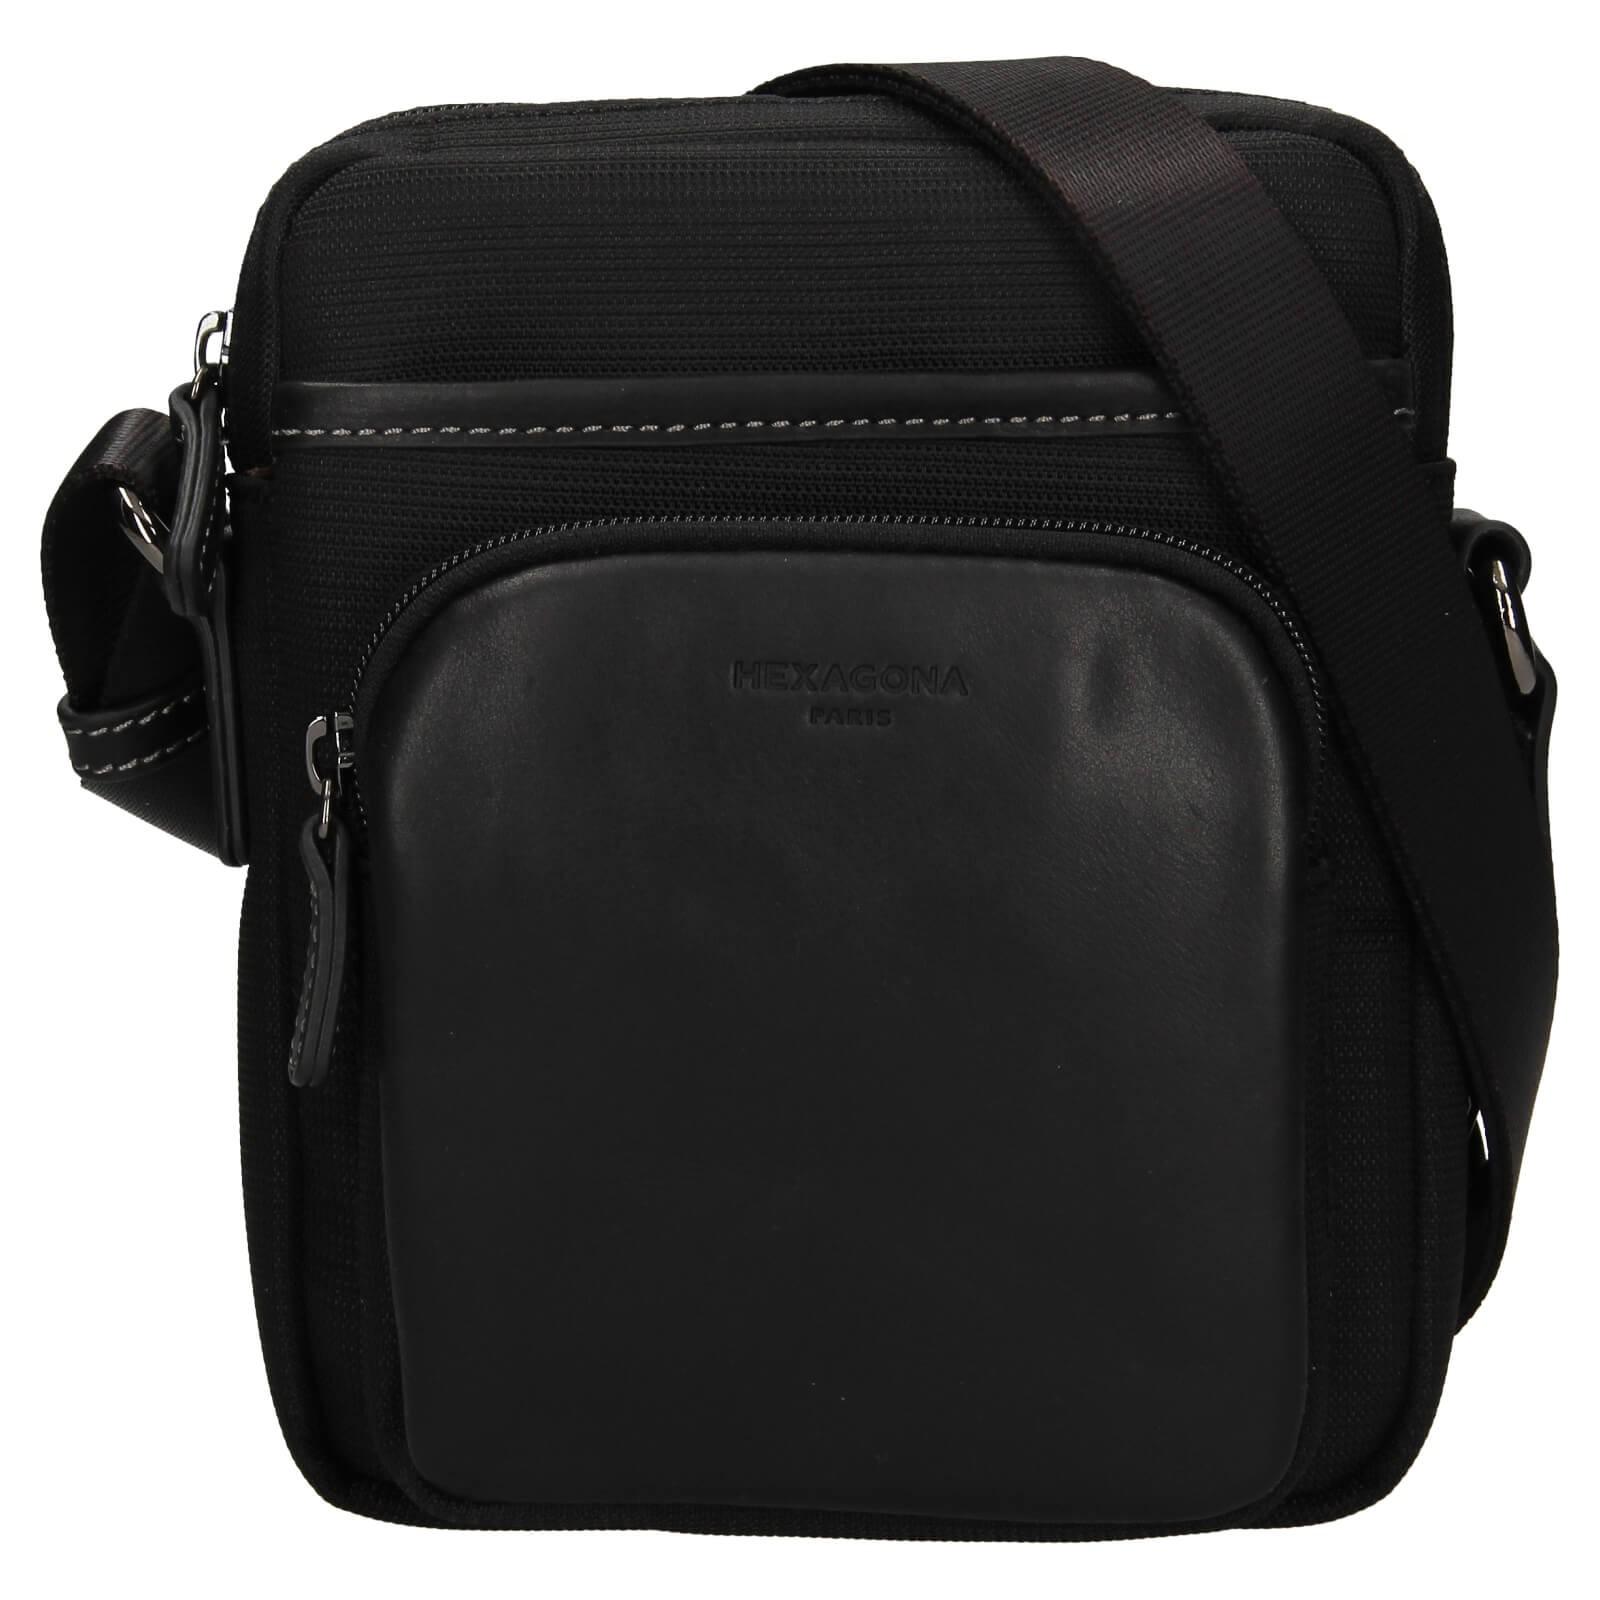 Pánska taška na doklady Hexagona Fonce - čierna